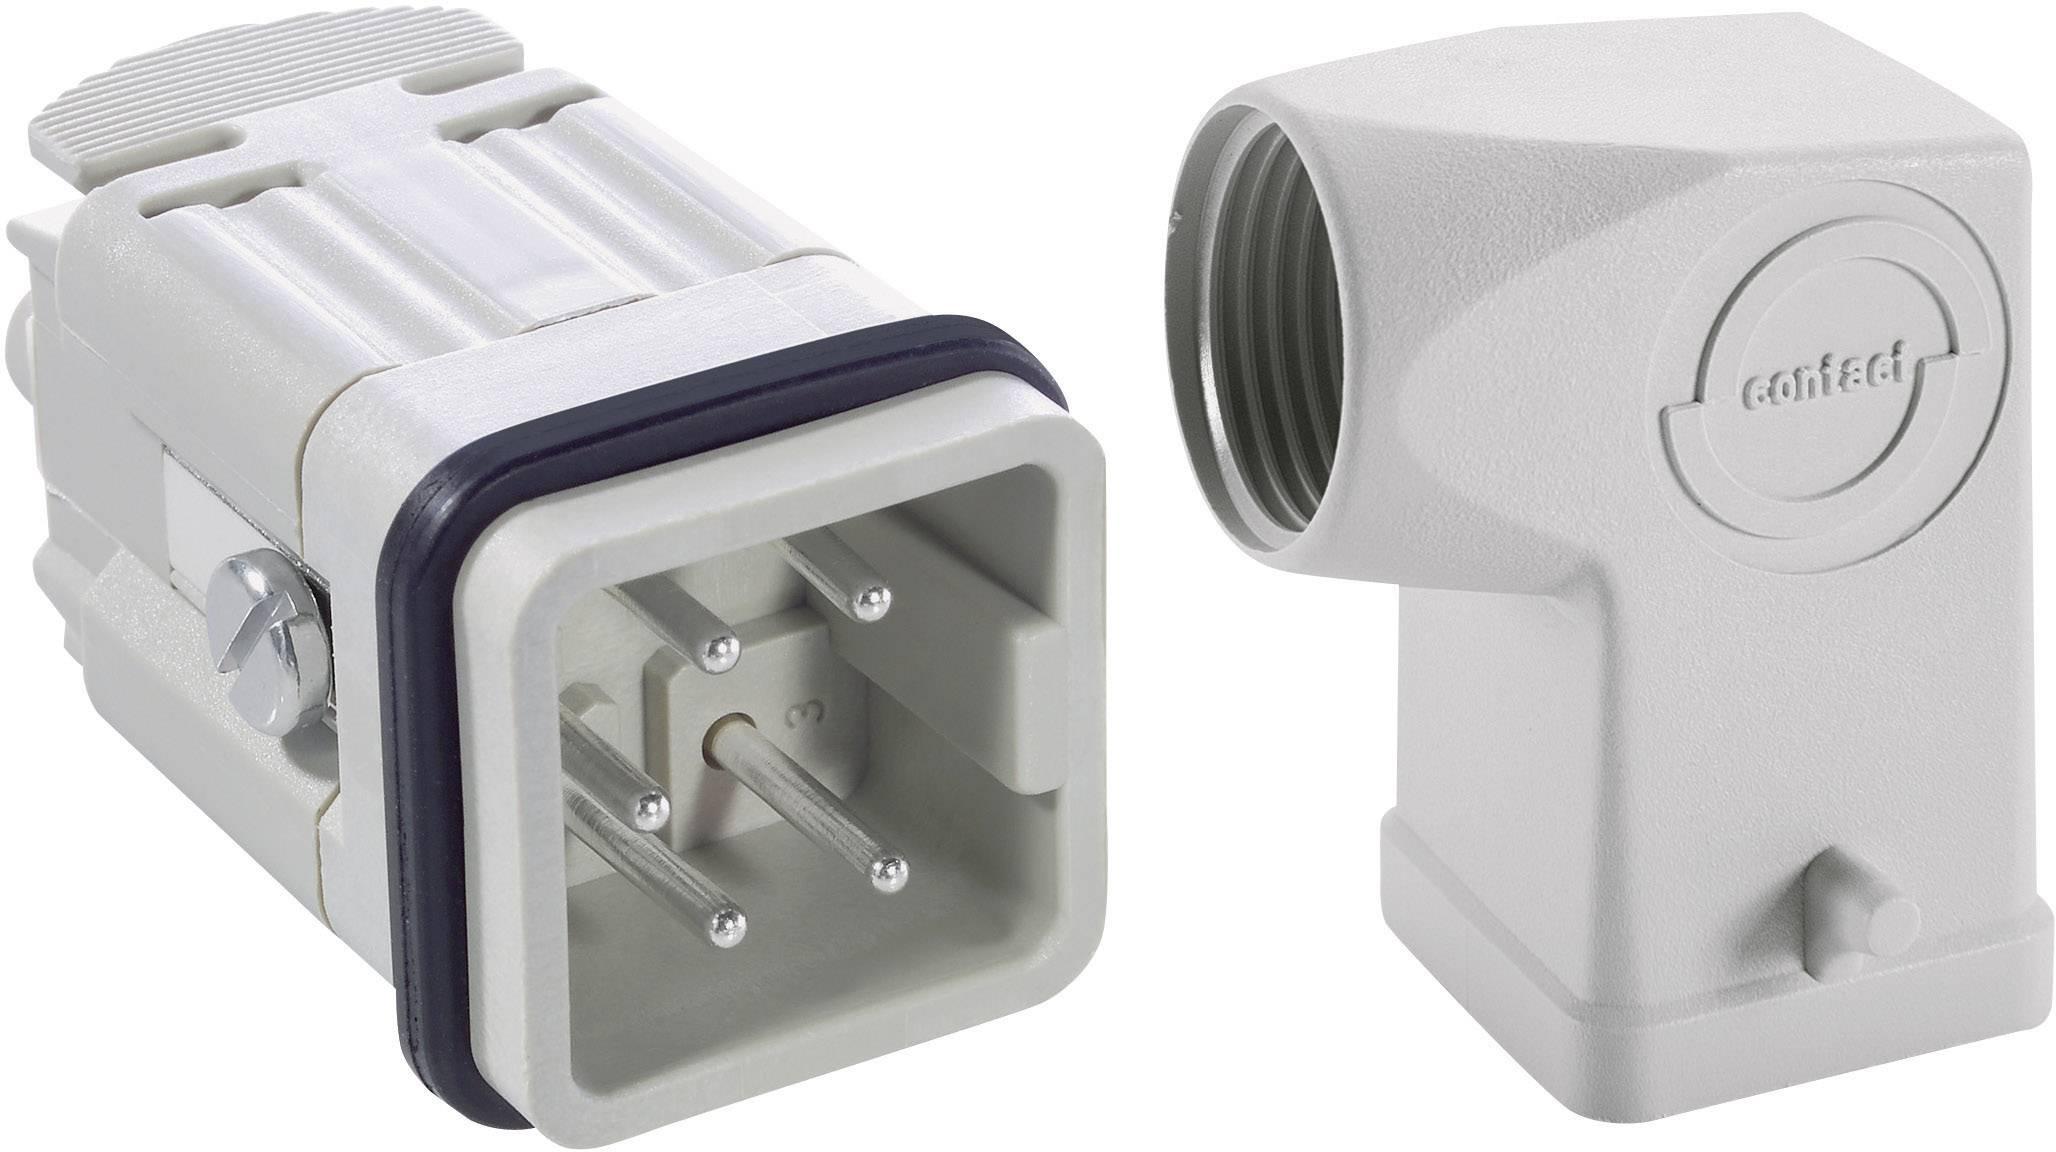 Sada konektorů EPIC®KIT H-A 4 75009615 LAPP 4 + PE šroubovací 1 sada